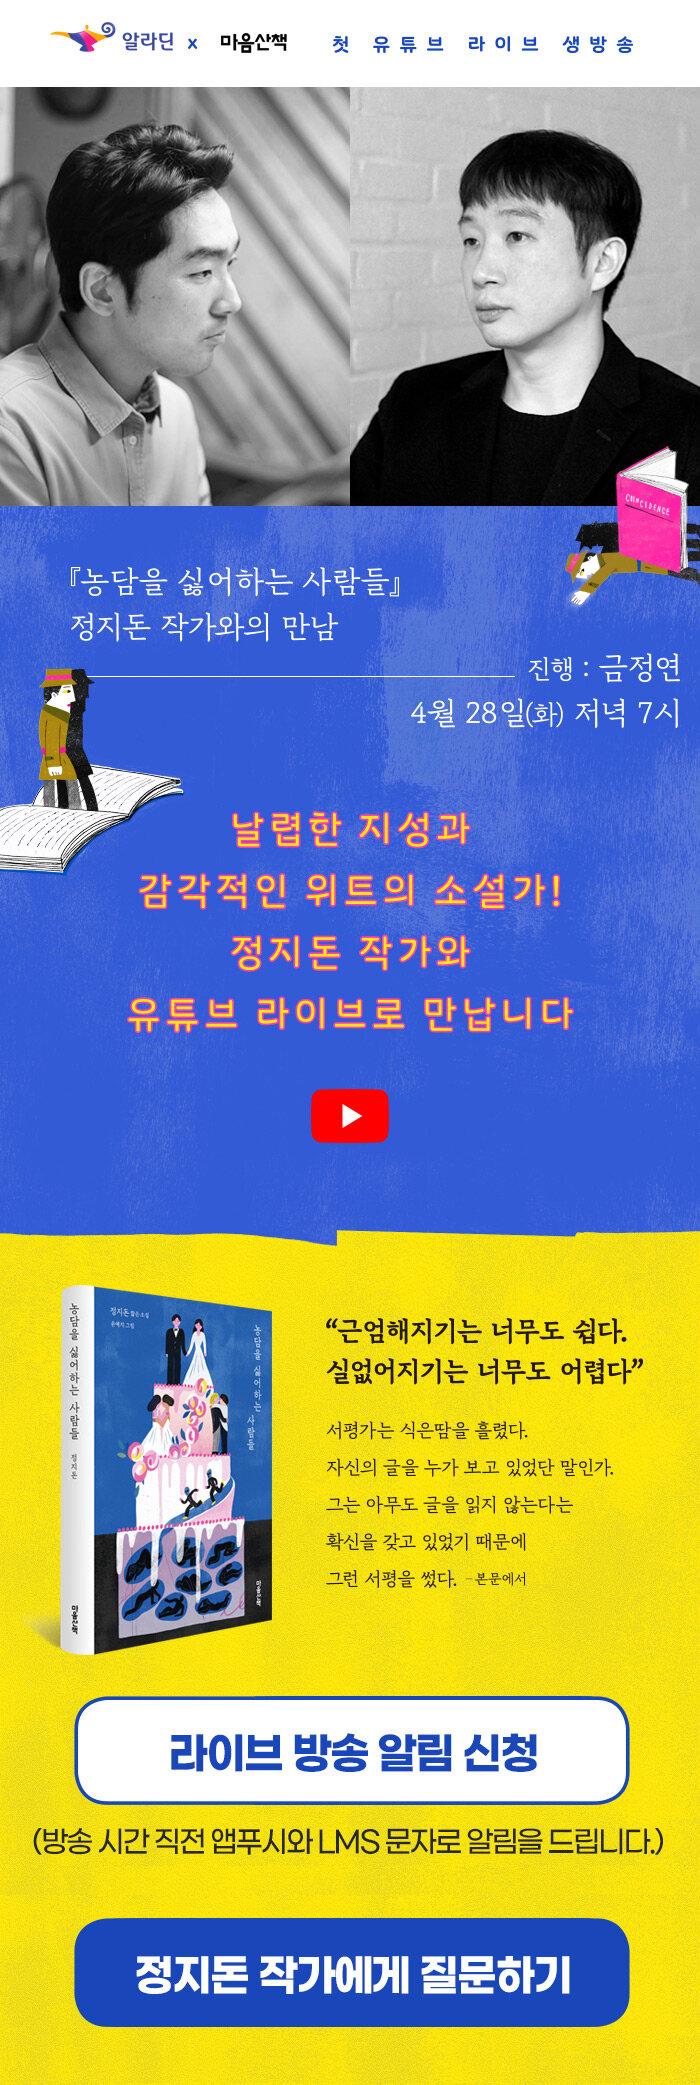 알라딘X마음산책 유투브 라이브 생방송 - 정지돈편